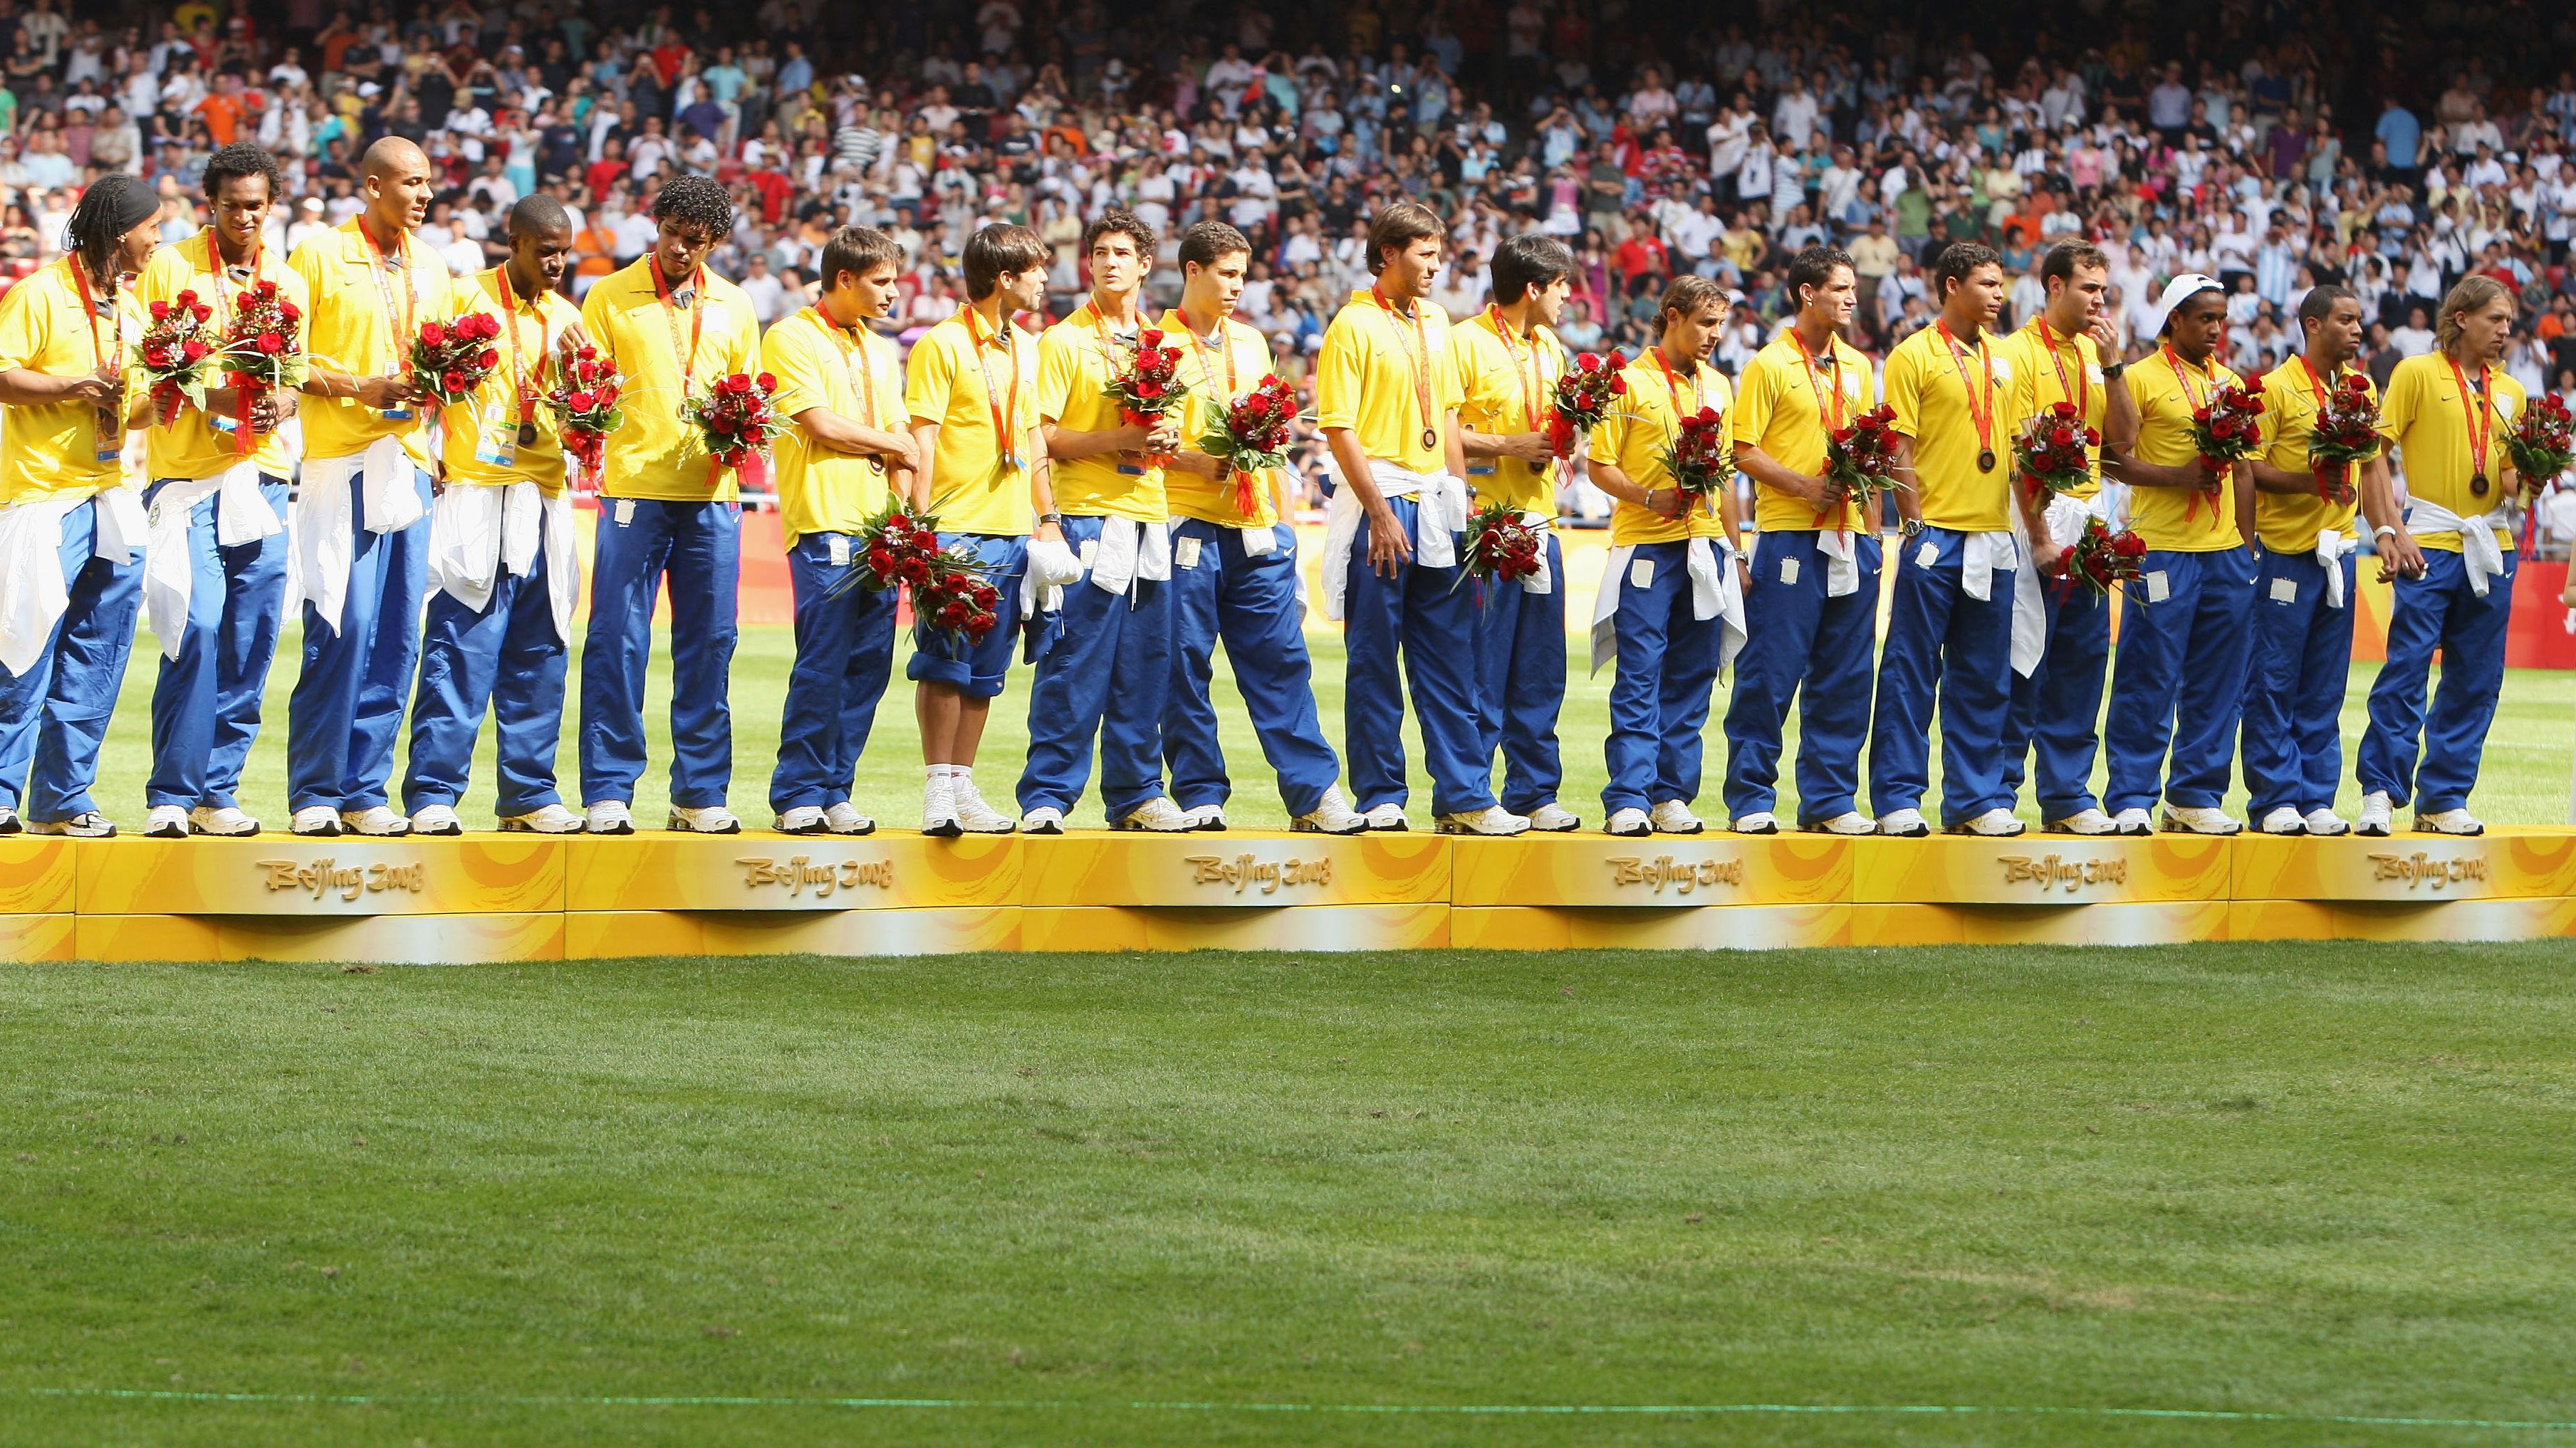 769b90b203 As semifinis do Brasil em JOS - Goal.com